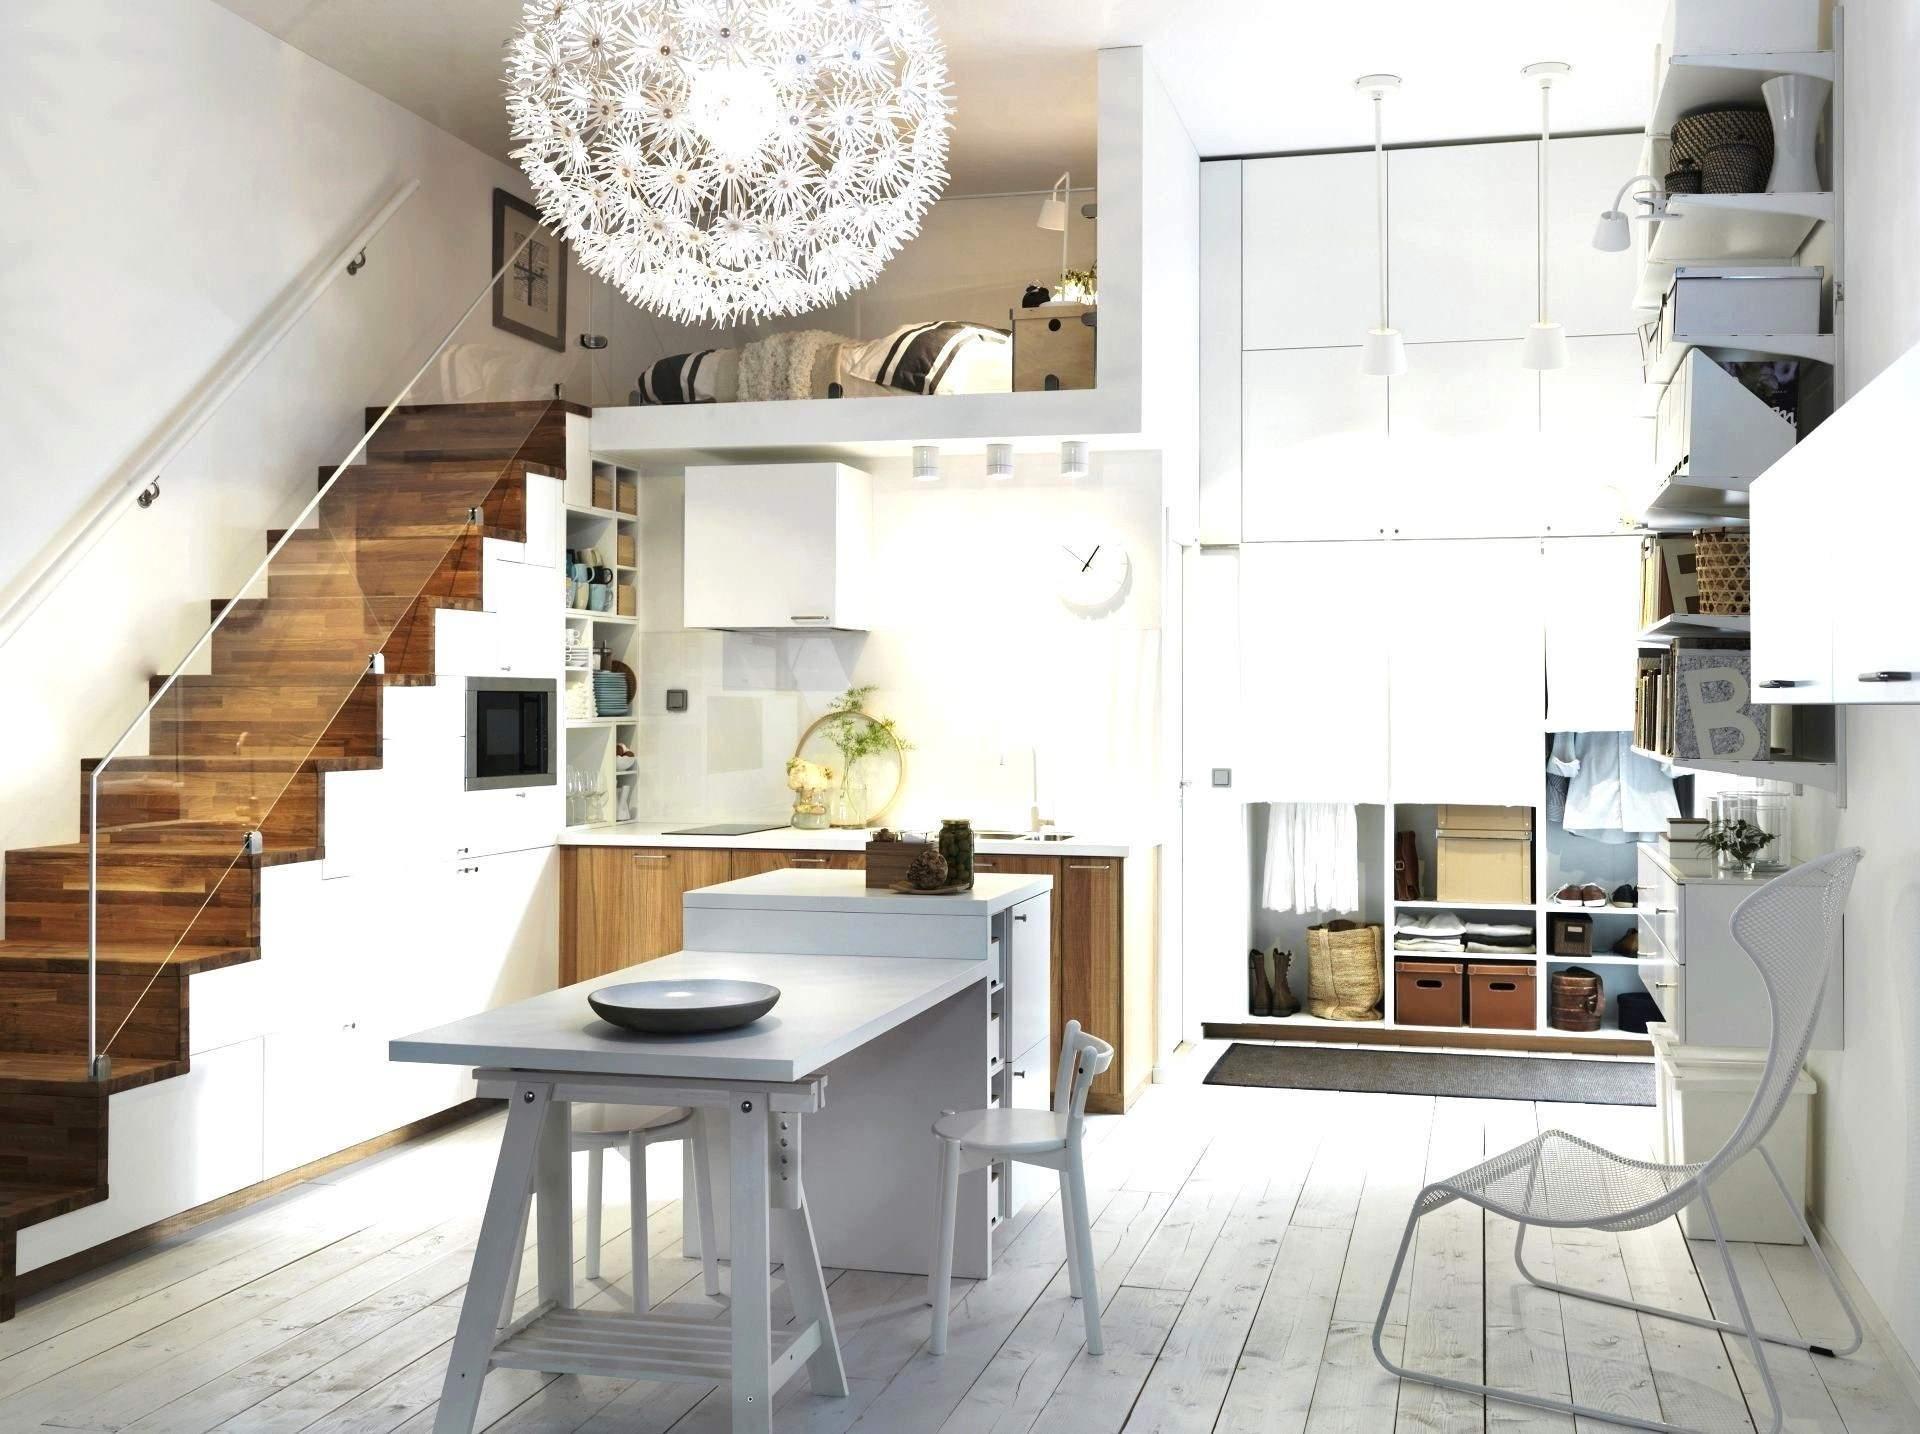 Wohnzimmer Küche Esszimmer In Einem Raum